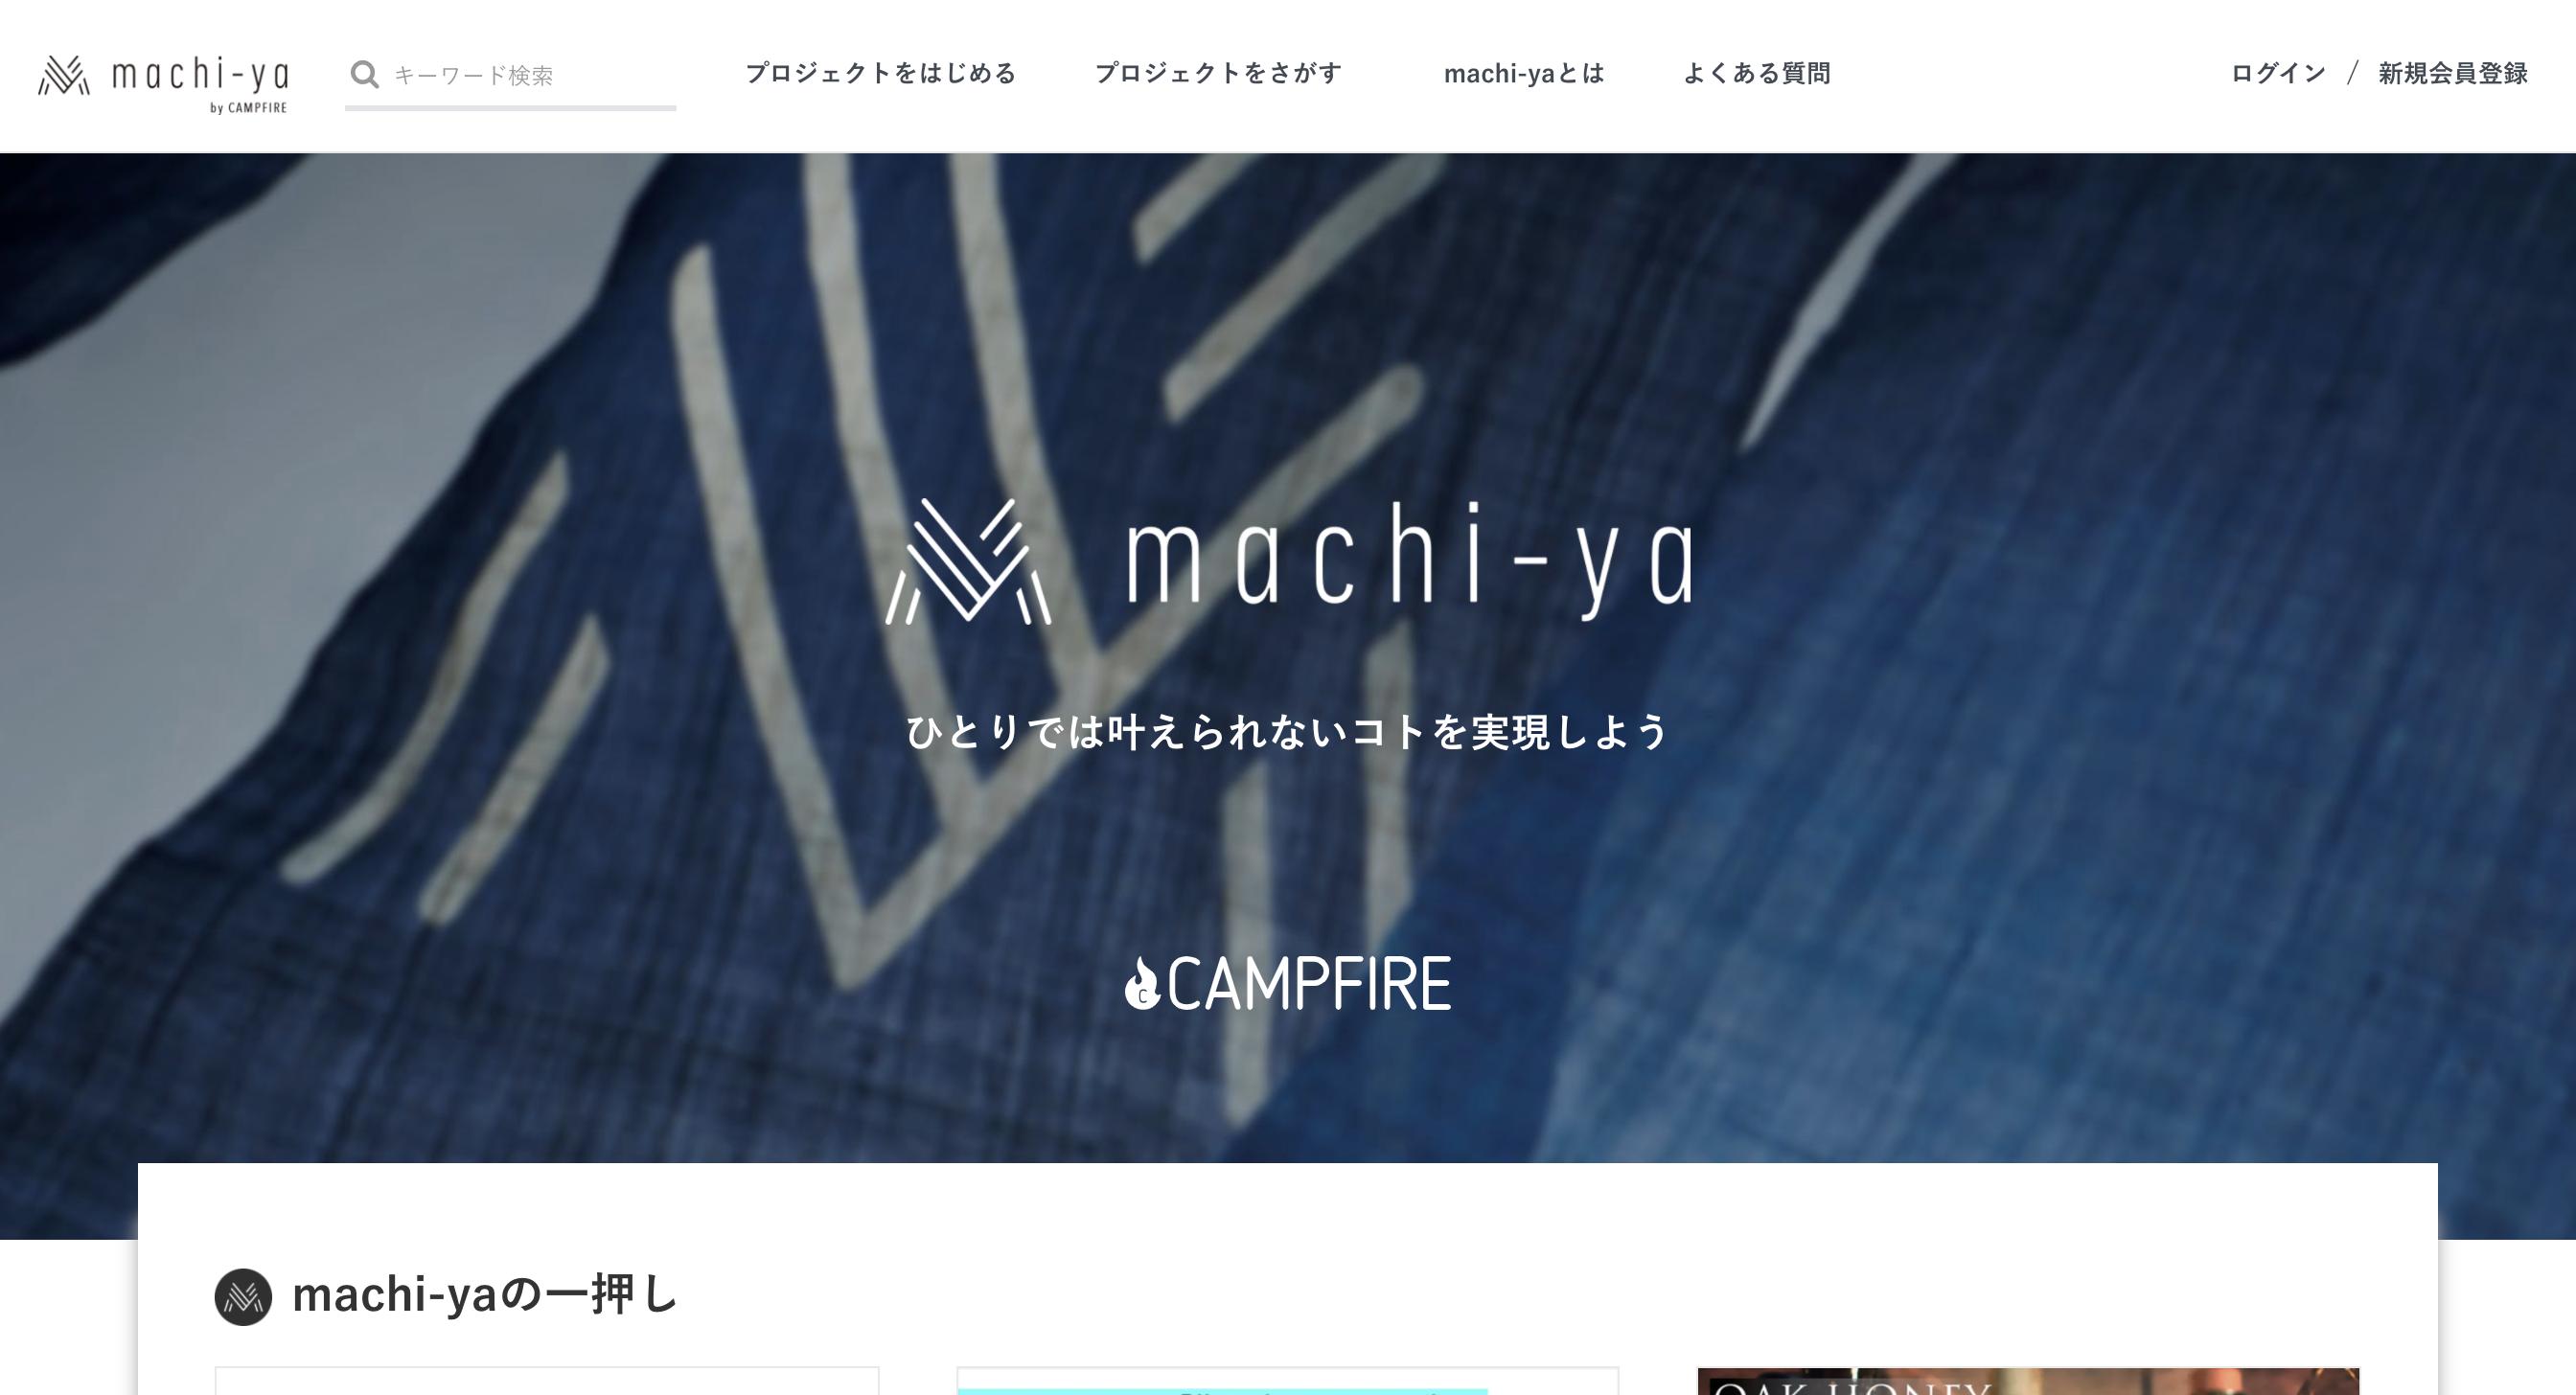 machi-ya(マチヤ)